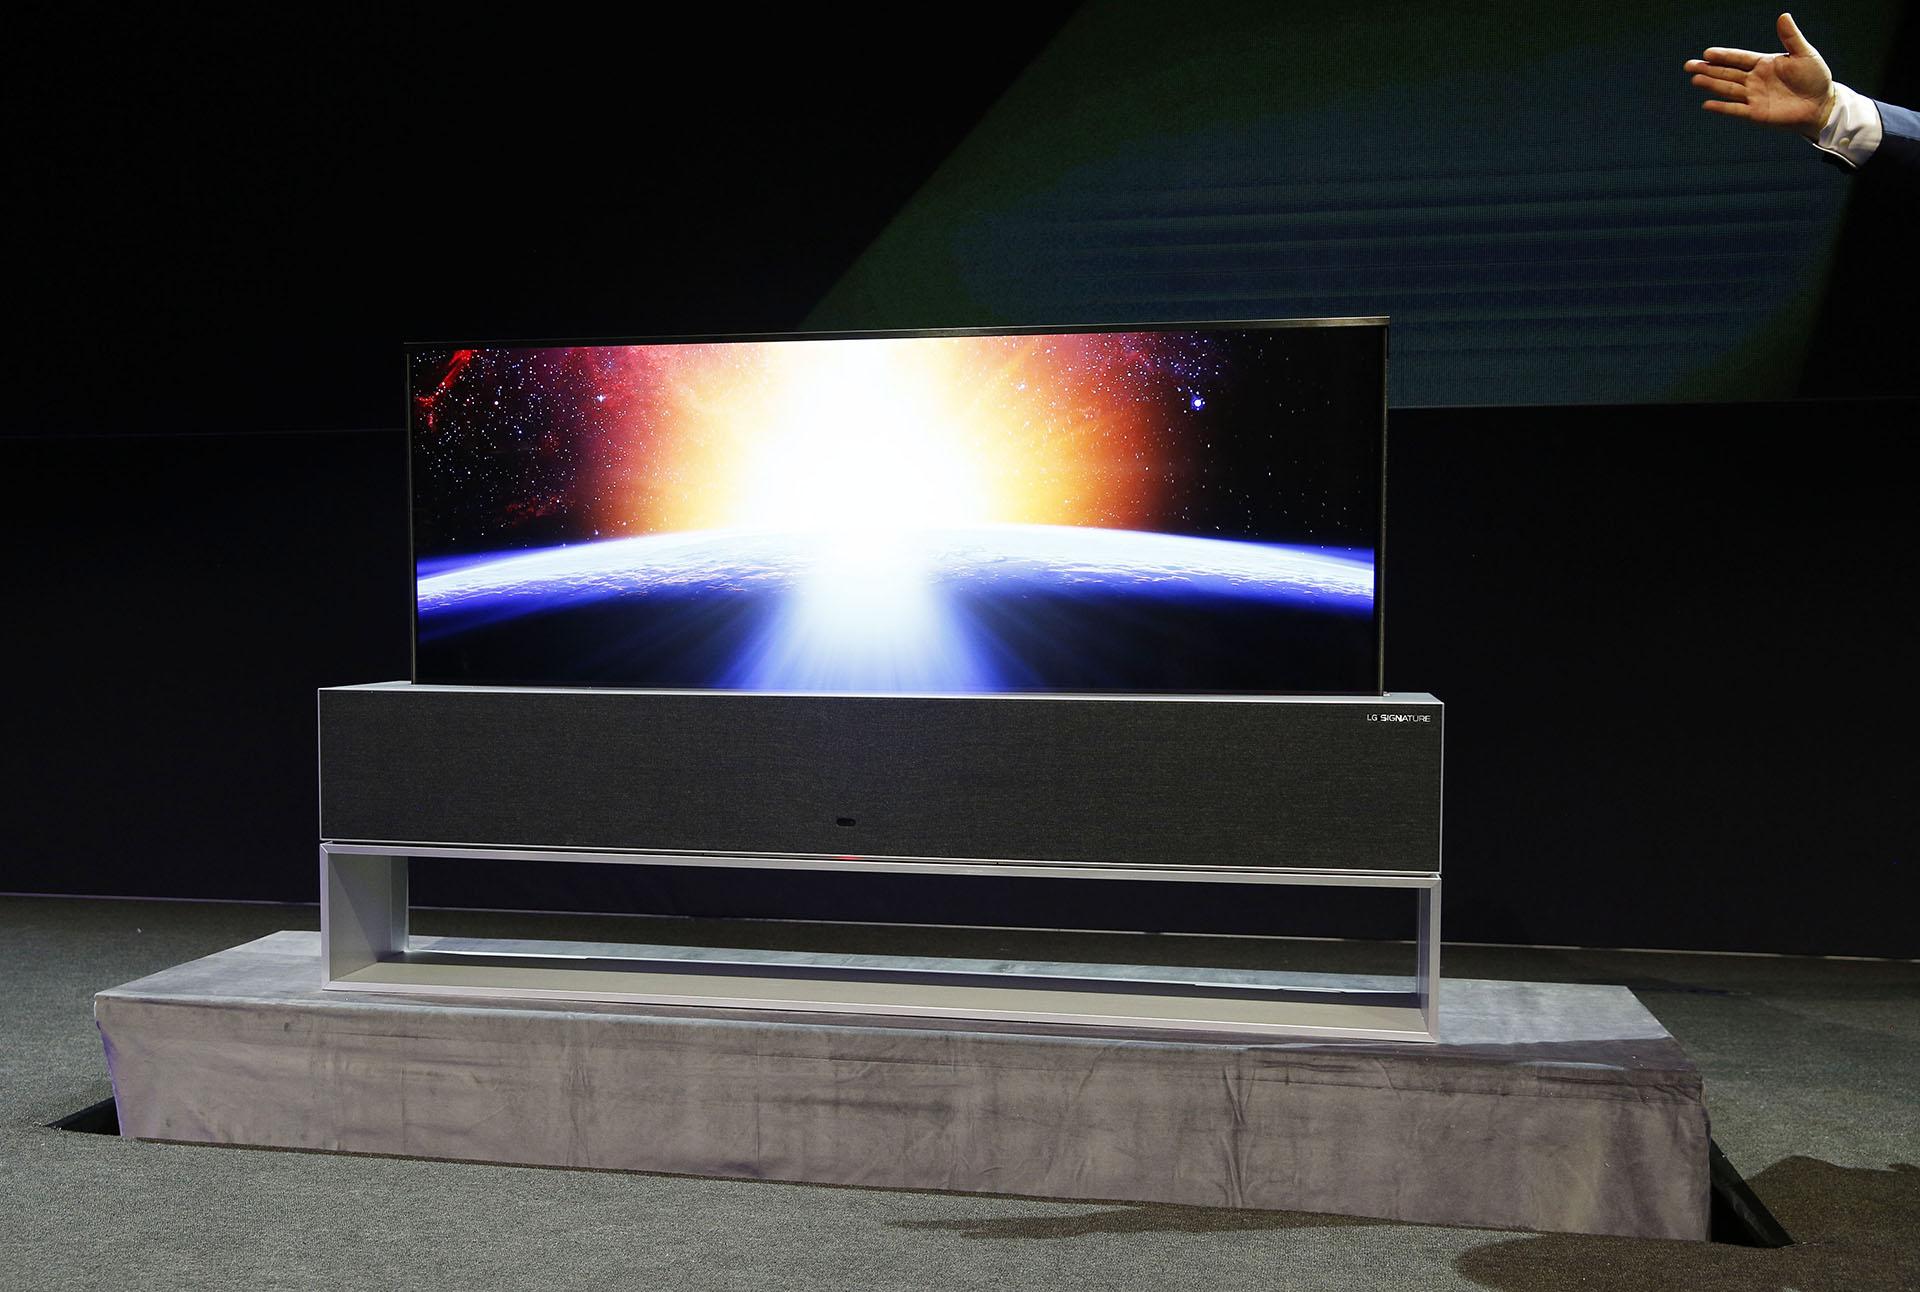 LG presentó su televisor enrollable, que ya había anticipado en la feria CES 2018 (AP)